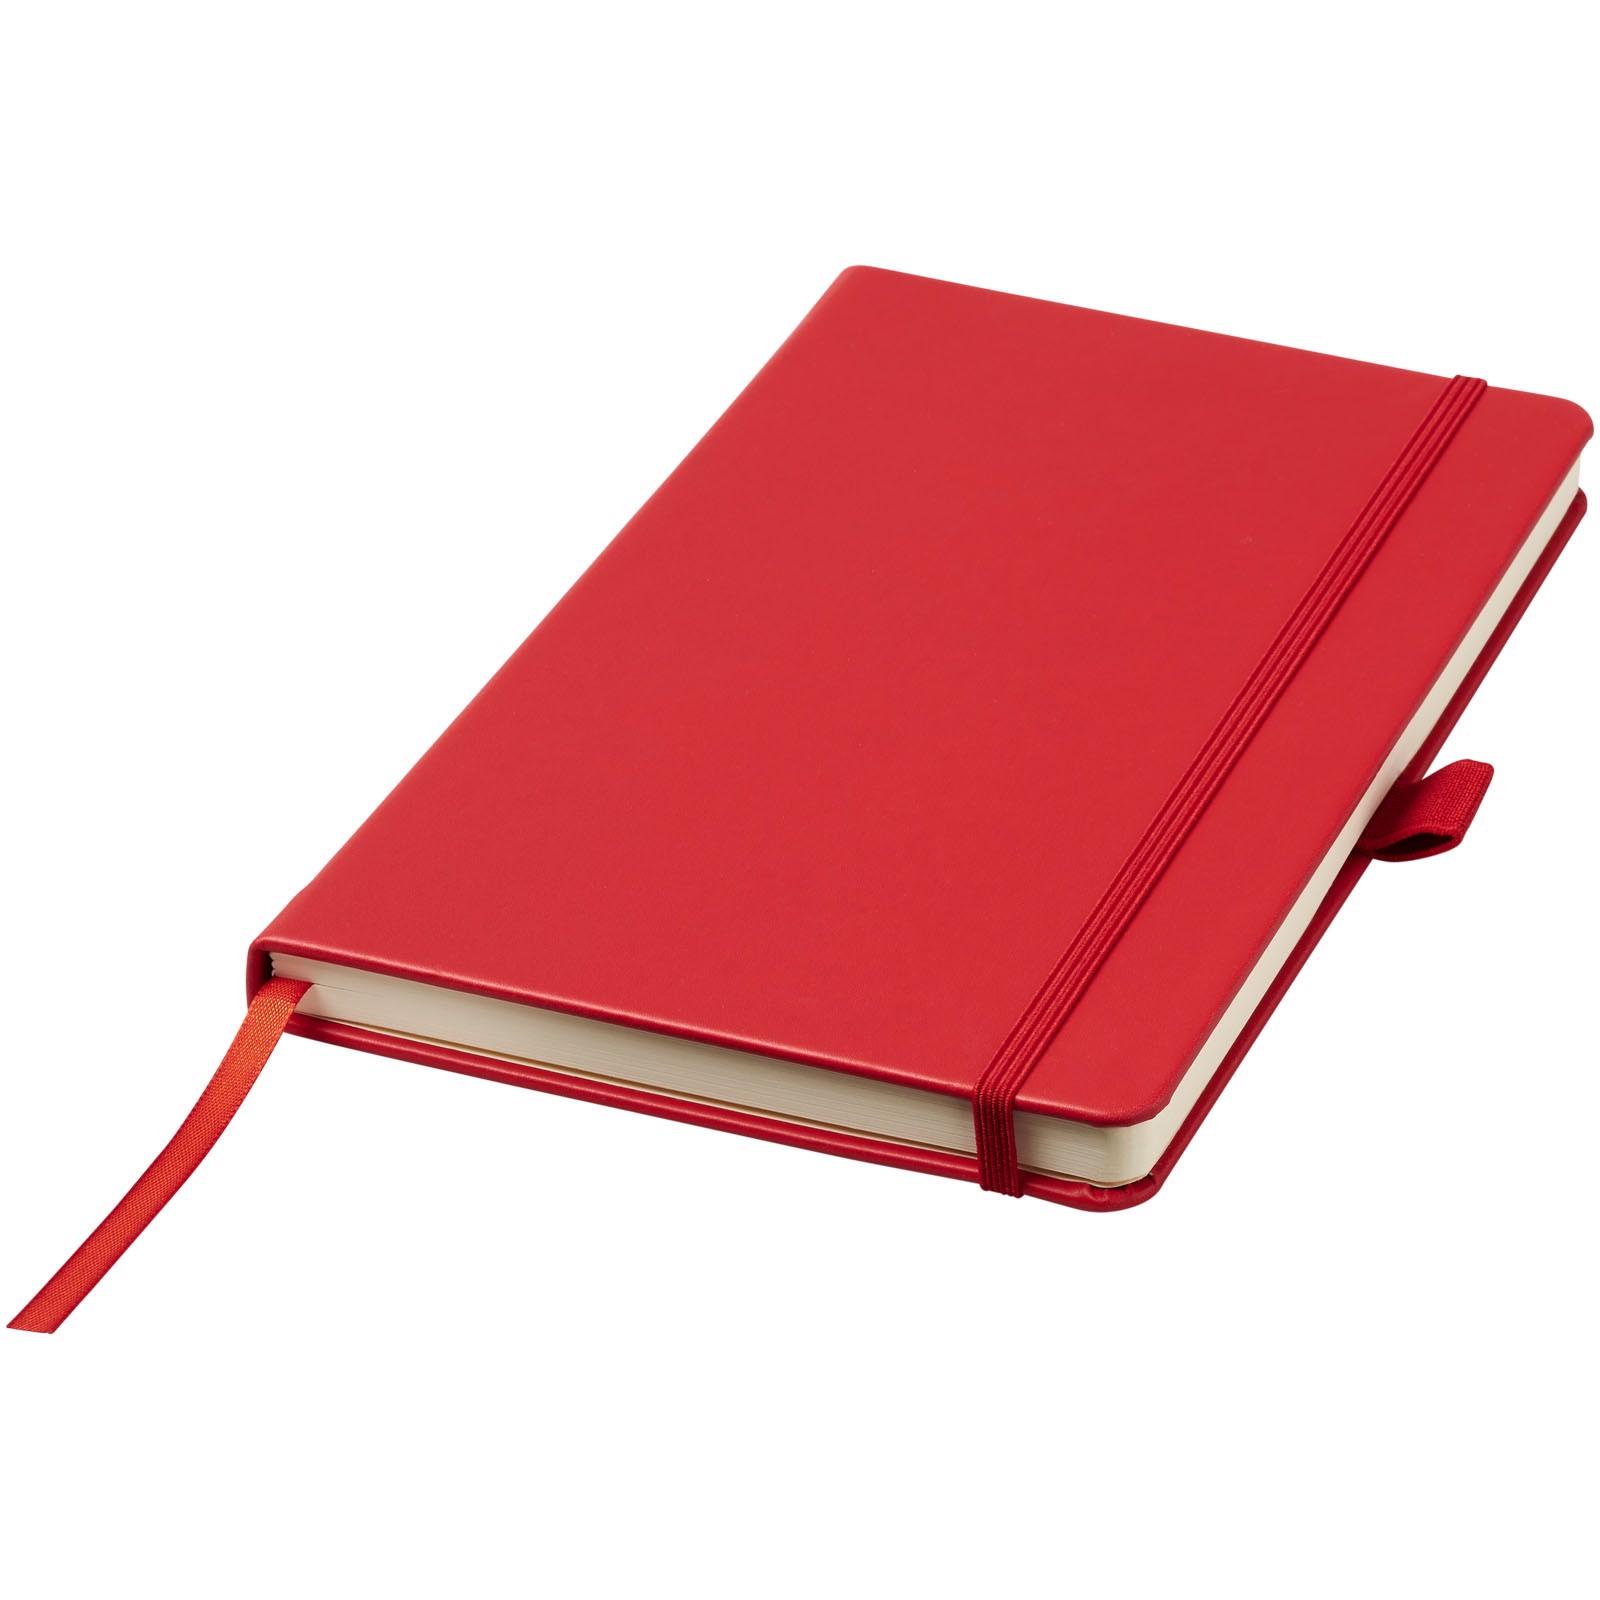 Vázaný poznámkový blok A5 Nova - Červená s efektem námrazy